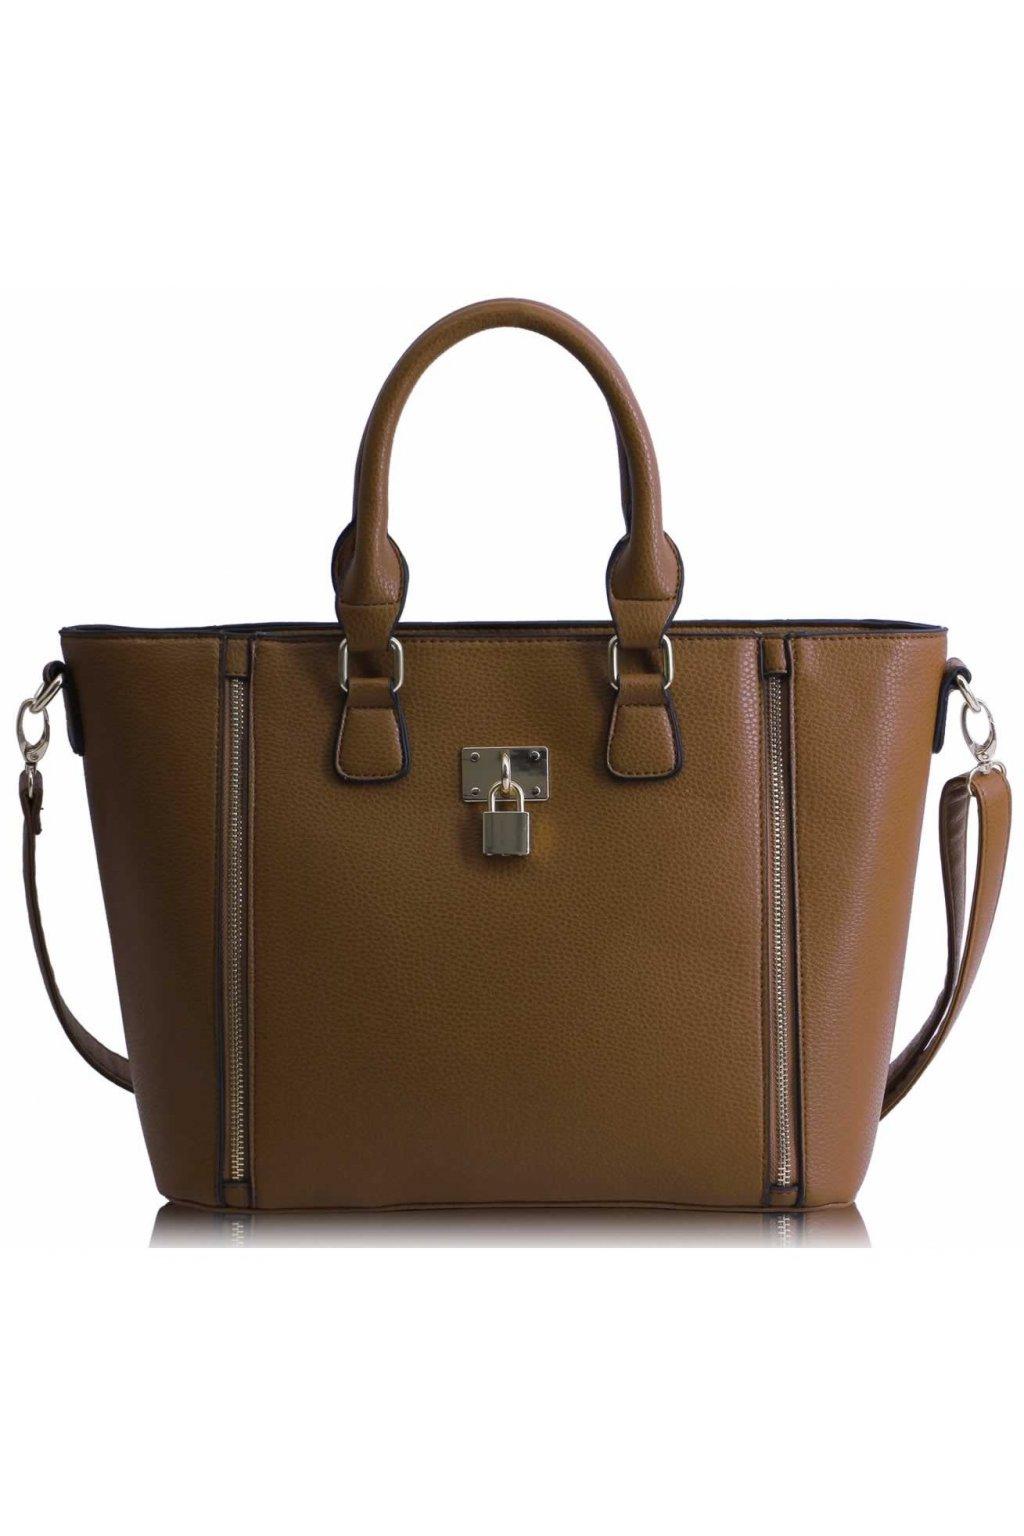 Shopper kabelka do ruky Christiana zhnedá LS0031